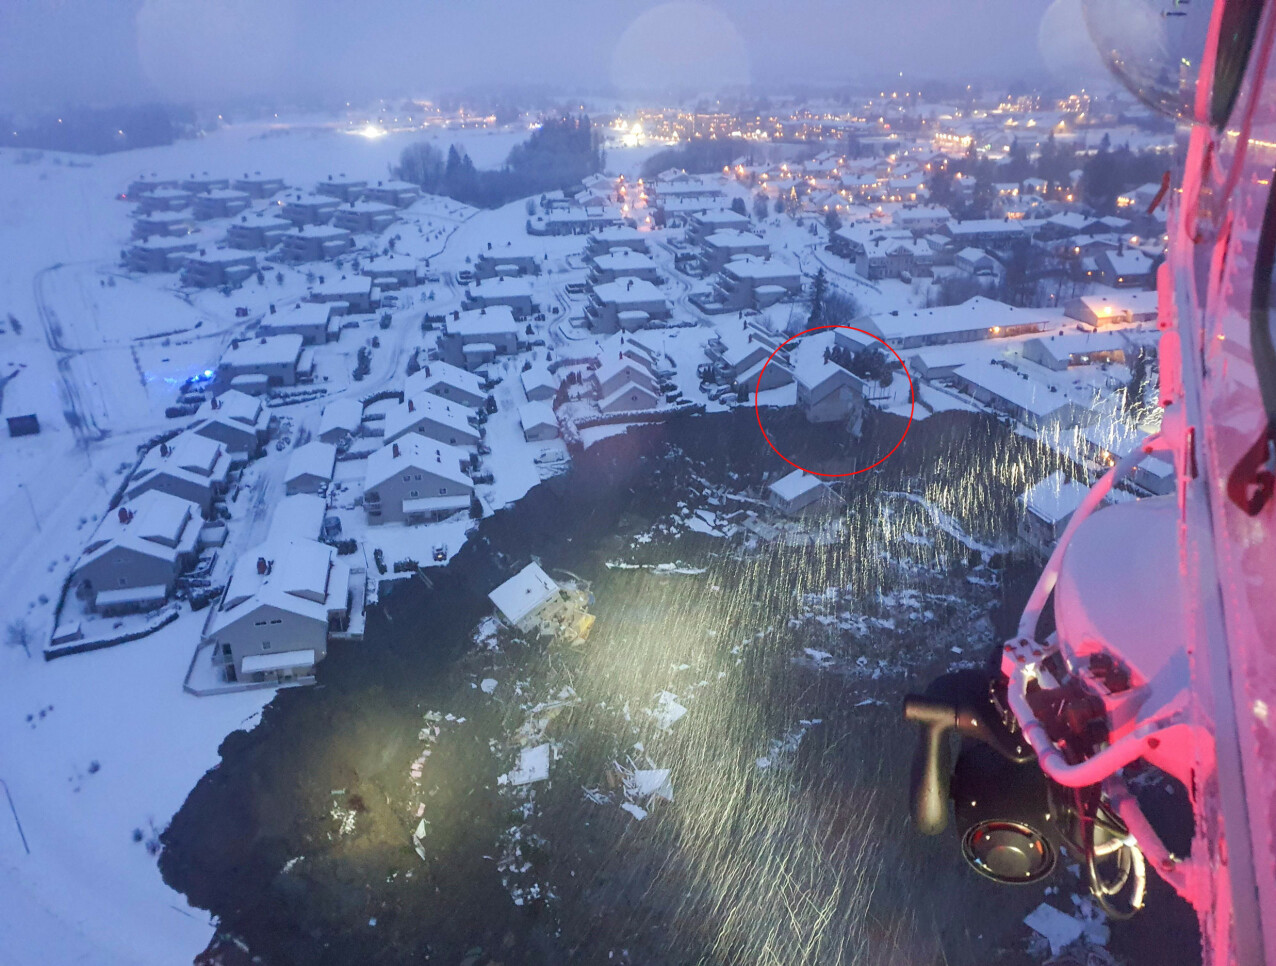 PÅ KANTEN AV SKREDET: Dette bildet er tatt fra et redningshelikopter 30. desember 2020. Den røde ringen markerer huset til familien Gulbrandsen/Brenden, som ble tatt av skredet noen timer senere. FOTO: Stringer/ AFP / NTB